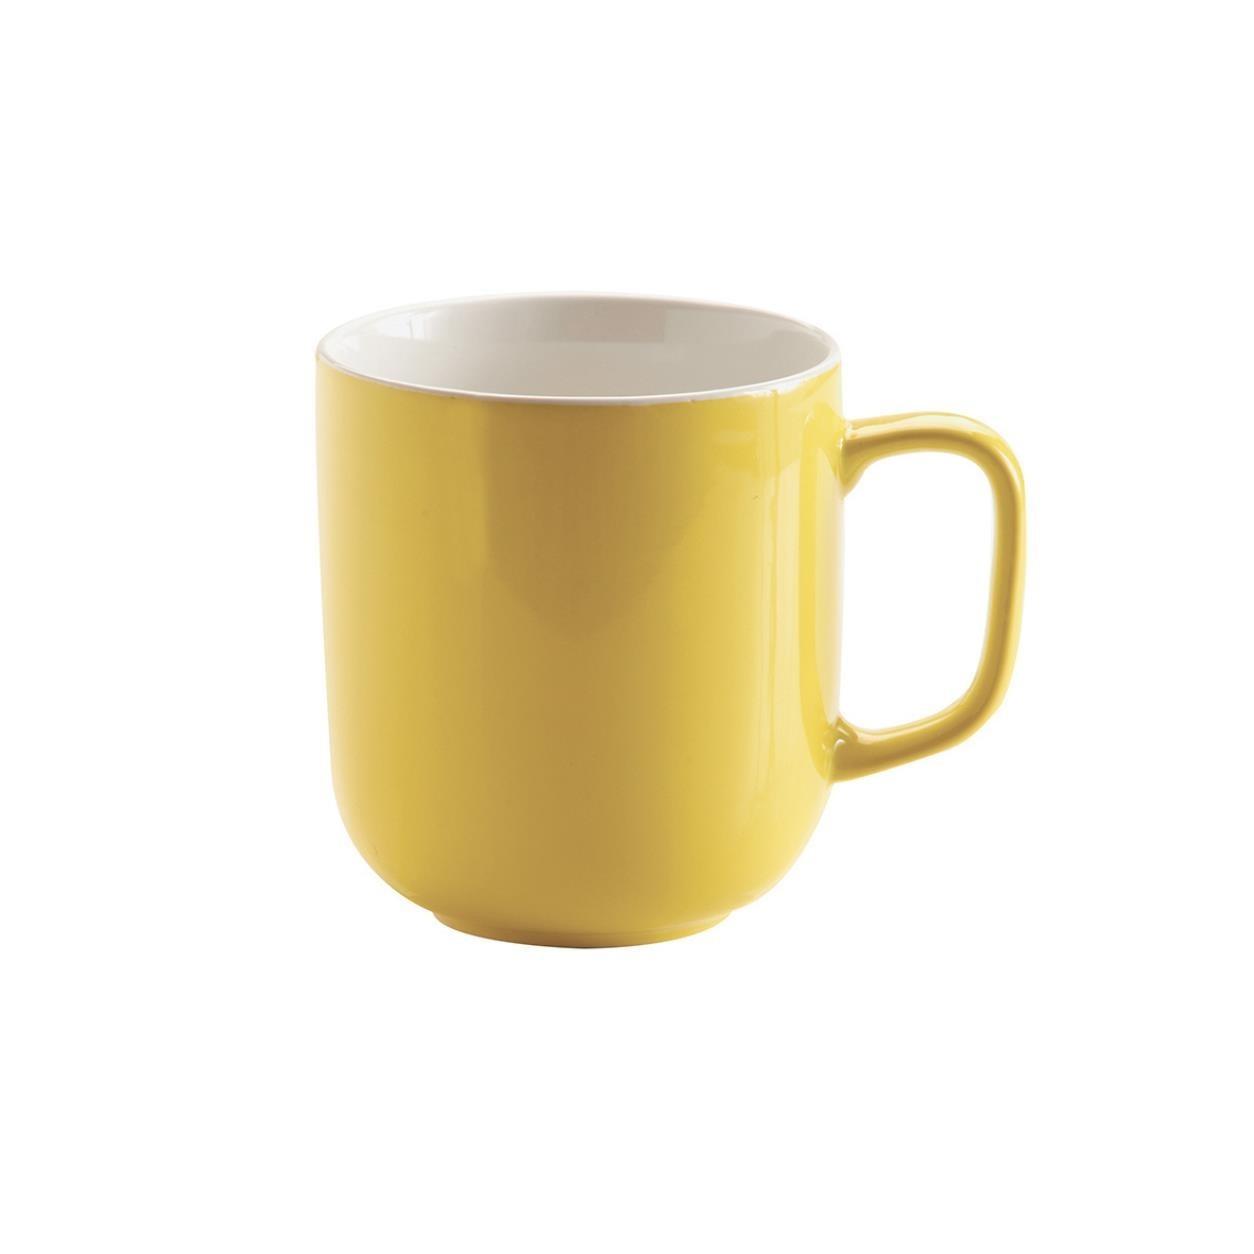 Κούπα Yellow Price & Kensington home   ειδη cafe τσαϊ   κούπες   φλυτζάνια